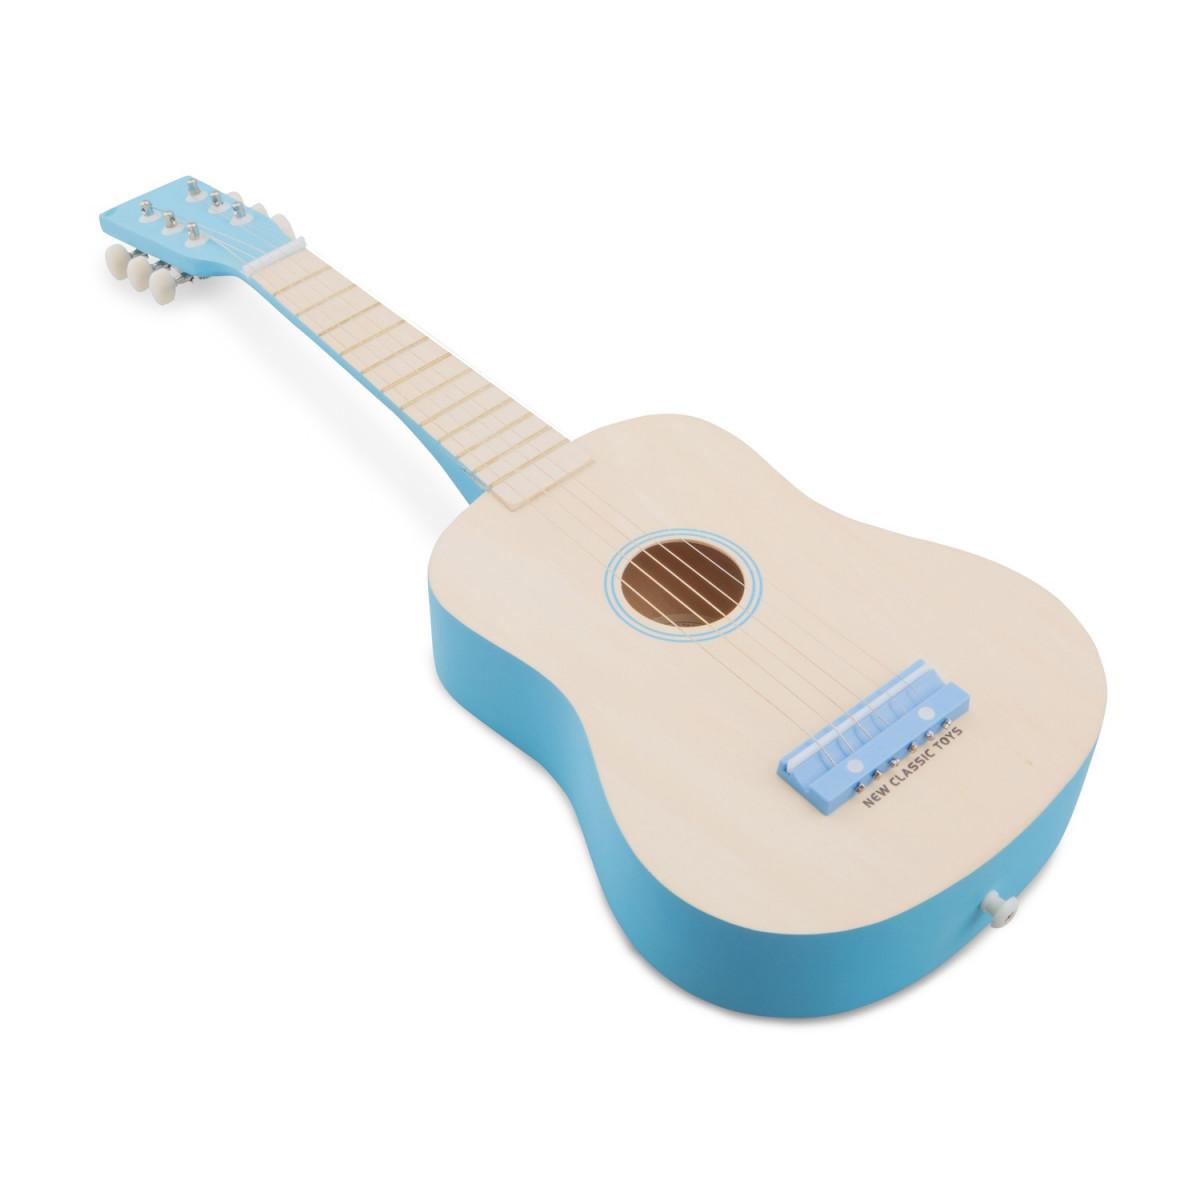 Guitare Naturelle Bleue New Classic Toys 10301